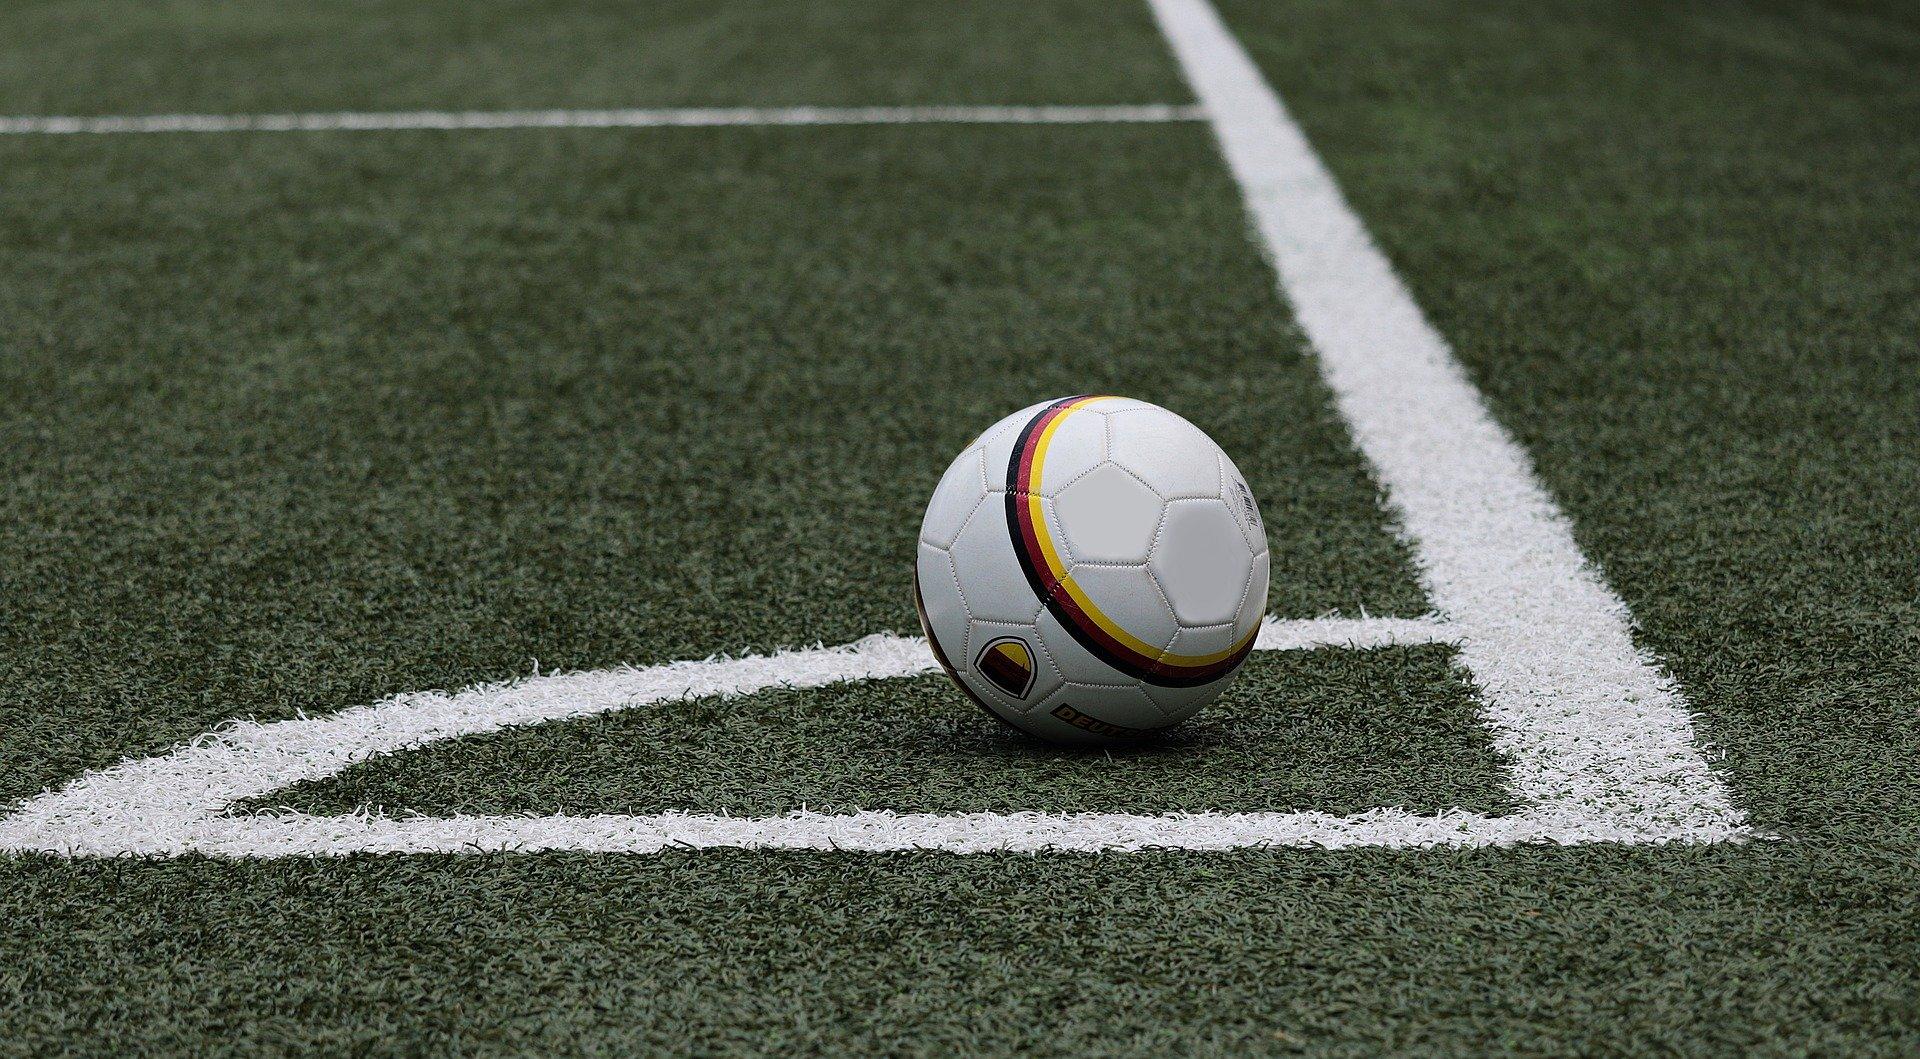 スポーツに関するネガキャン削除